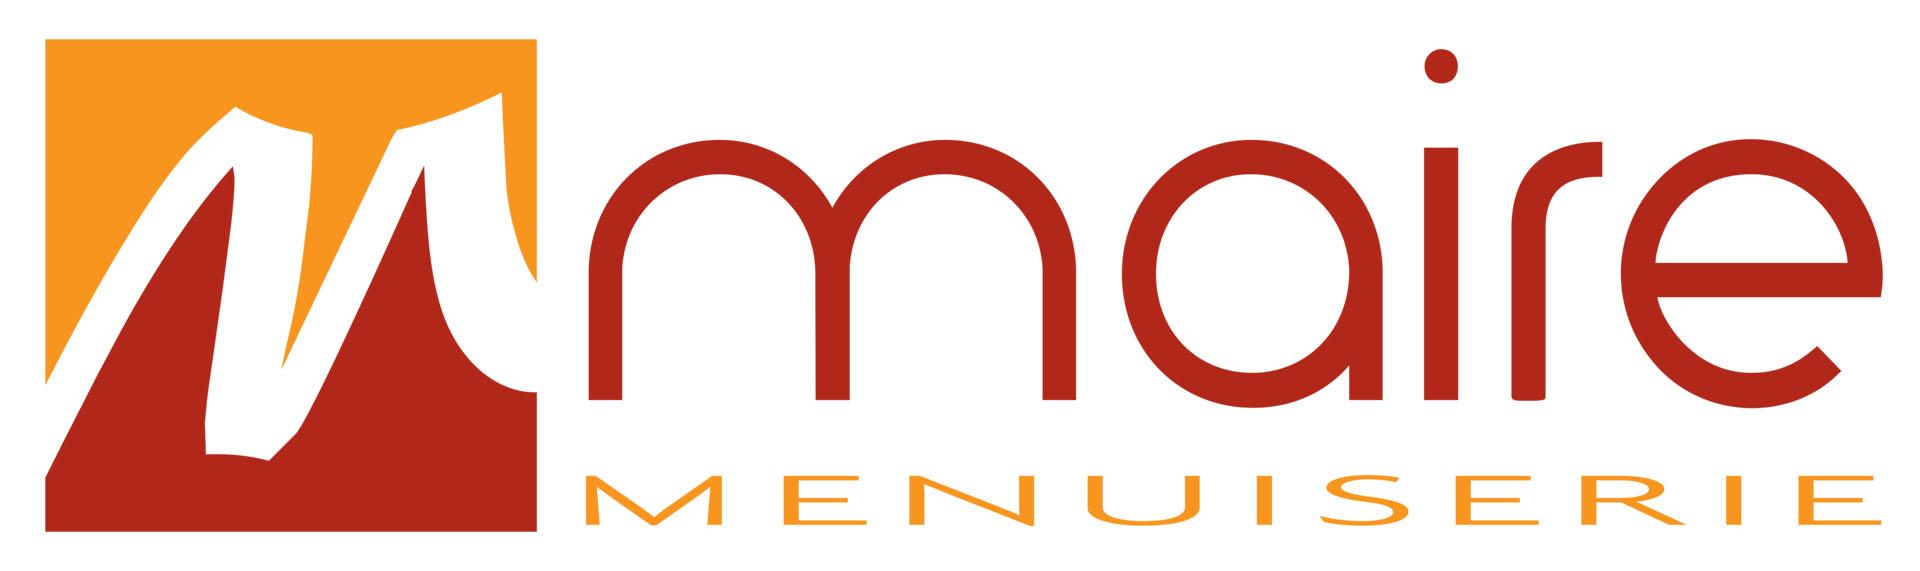 Menuiserie-Jean-Paul-Maire-88-Neufchateau-Pompierre